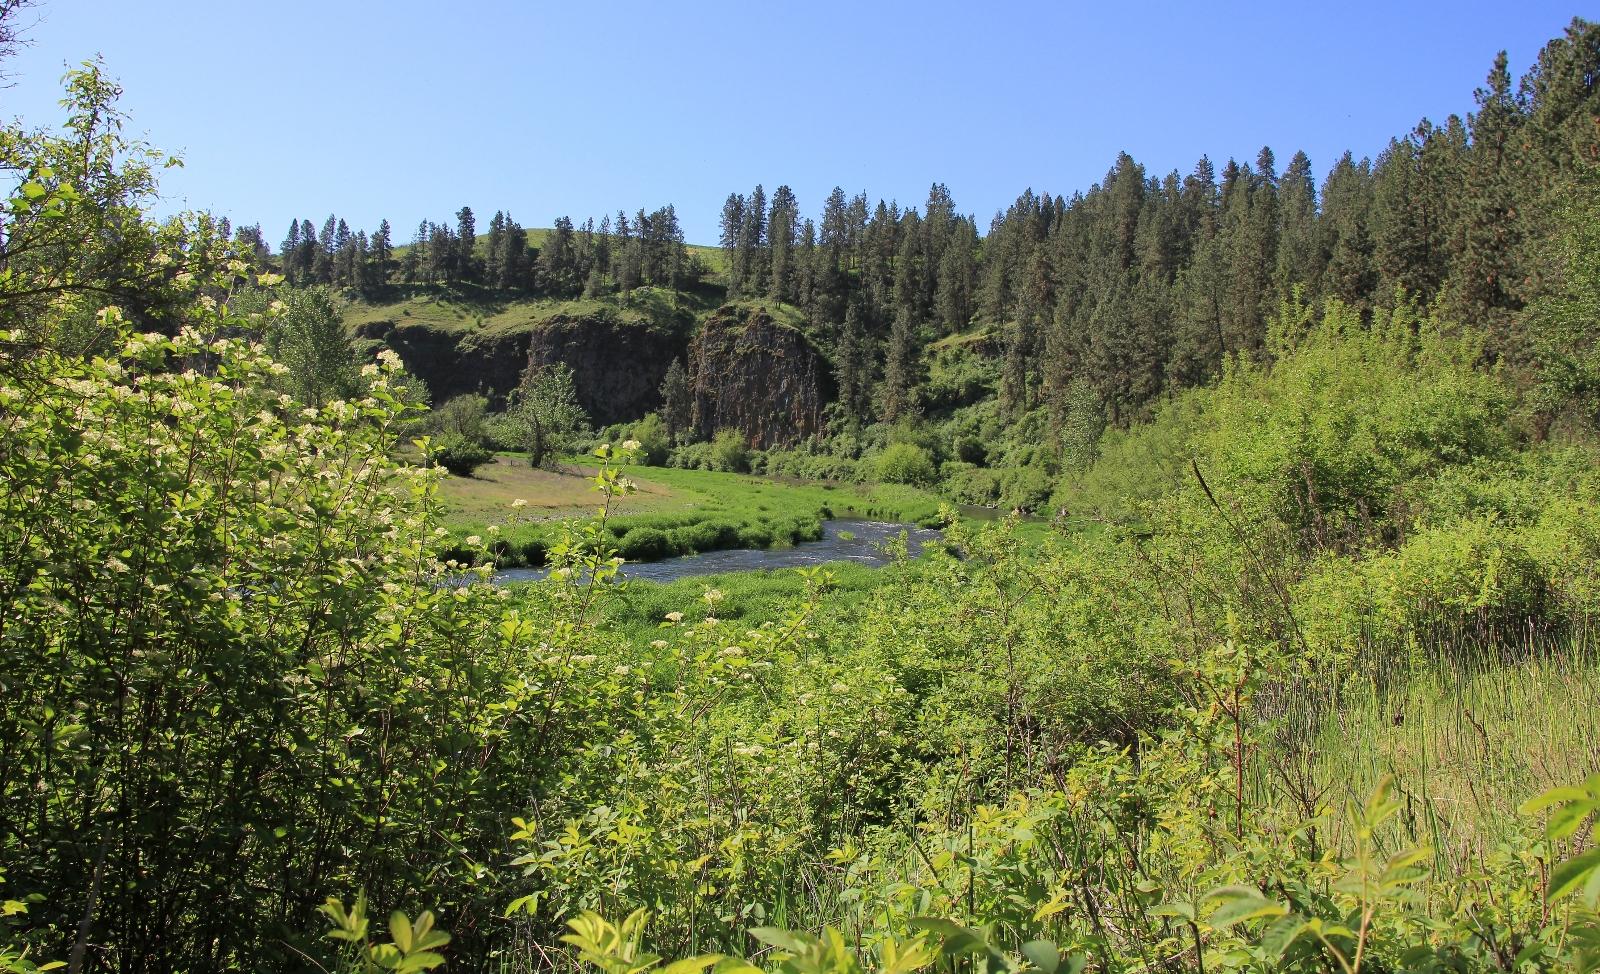 05-08-16 Colfax River Trail (42)